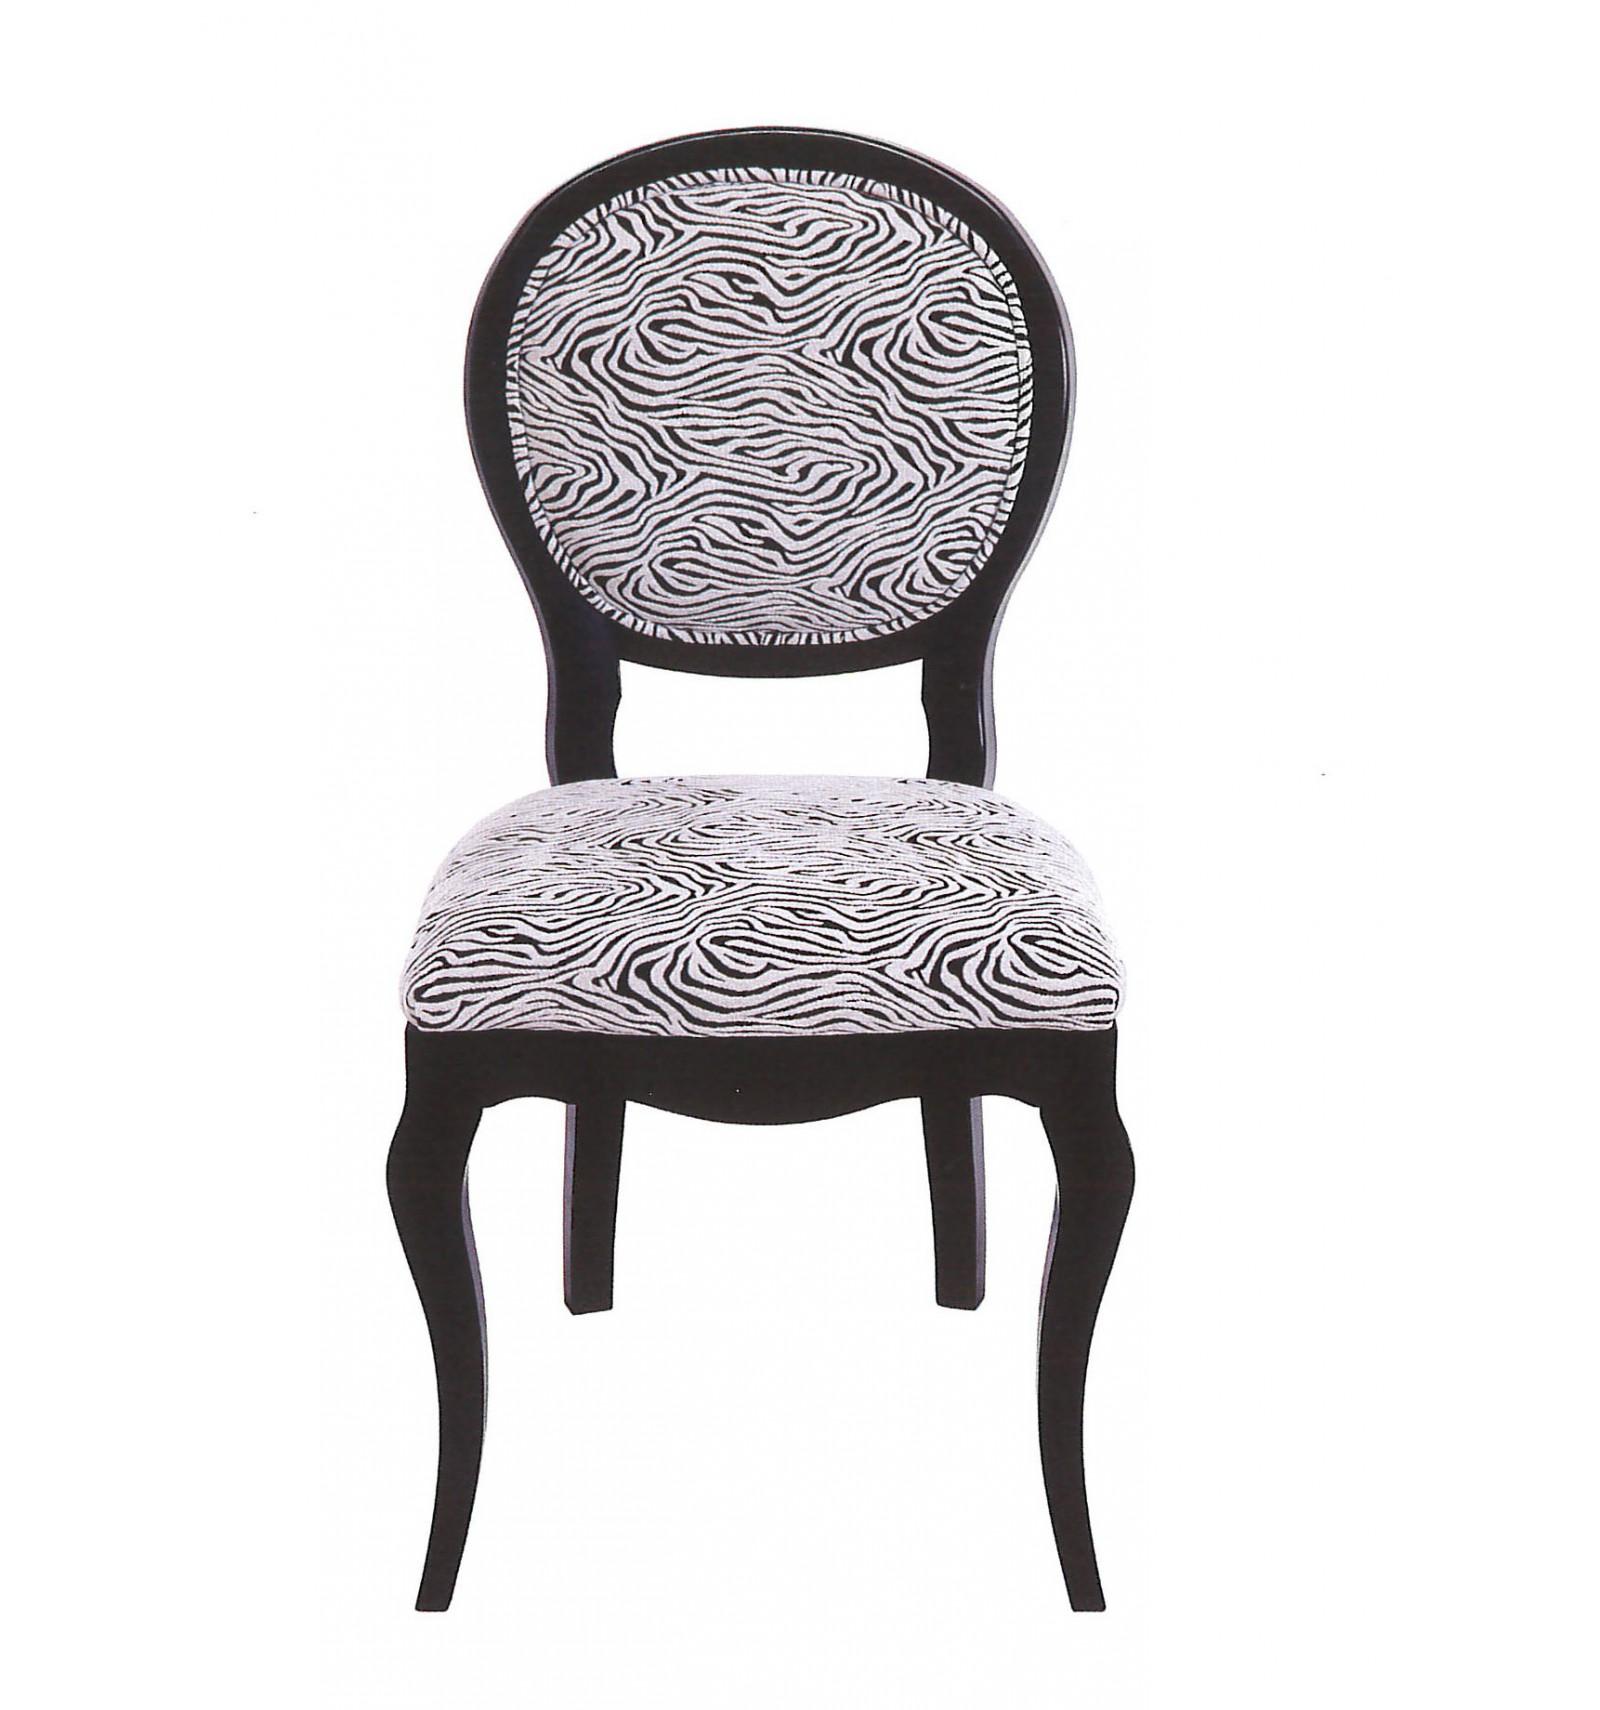 Chaise Salle A Manger Louis Xv 10 idées de chaises pour accompagner une salle à manger